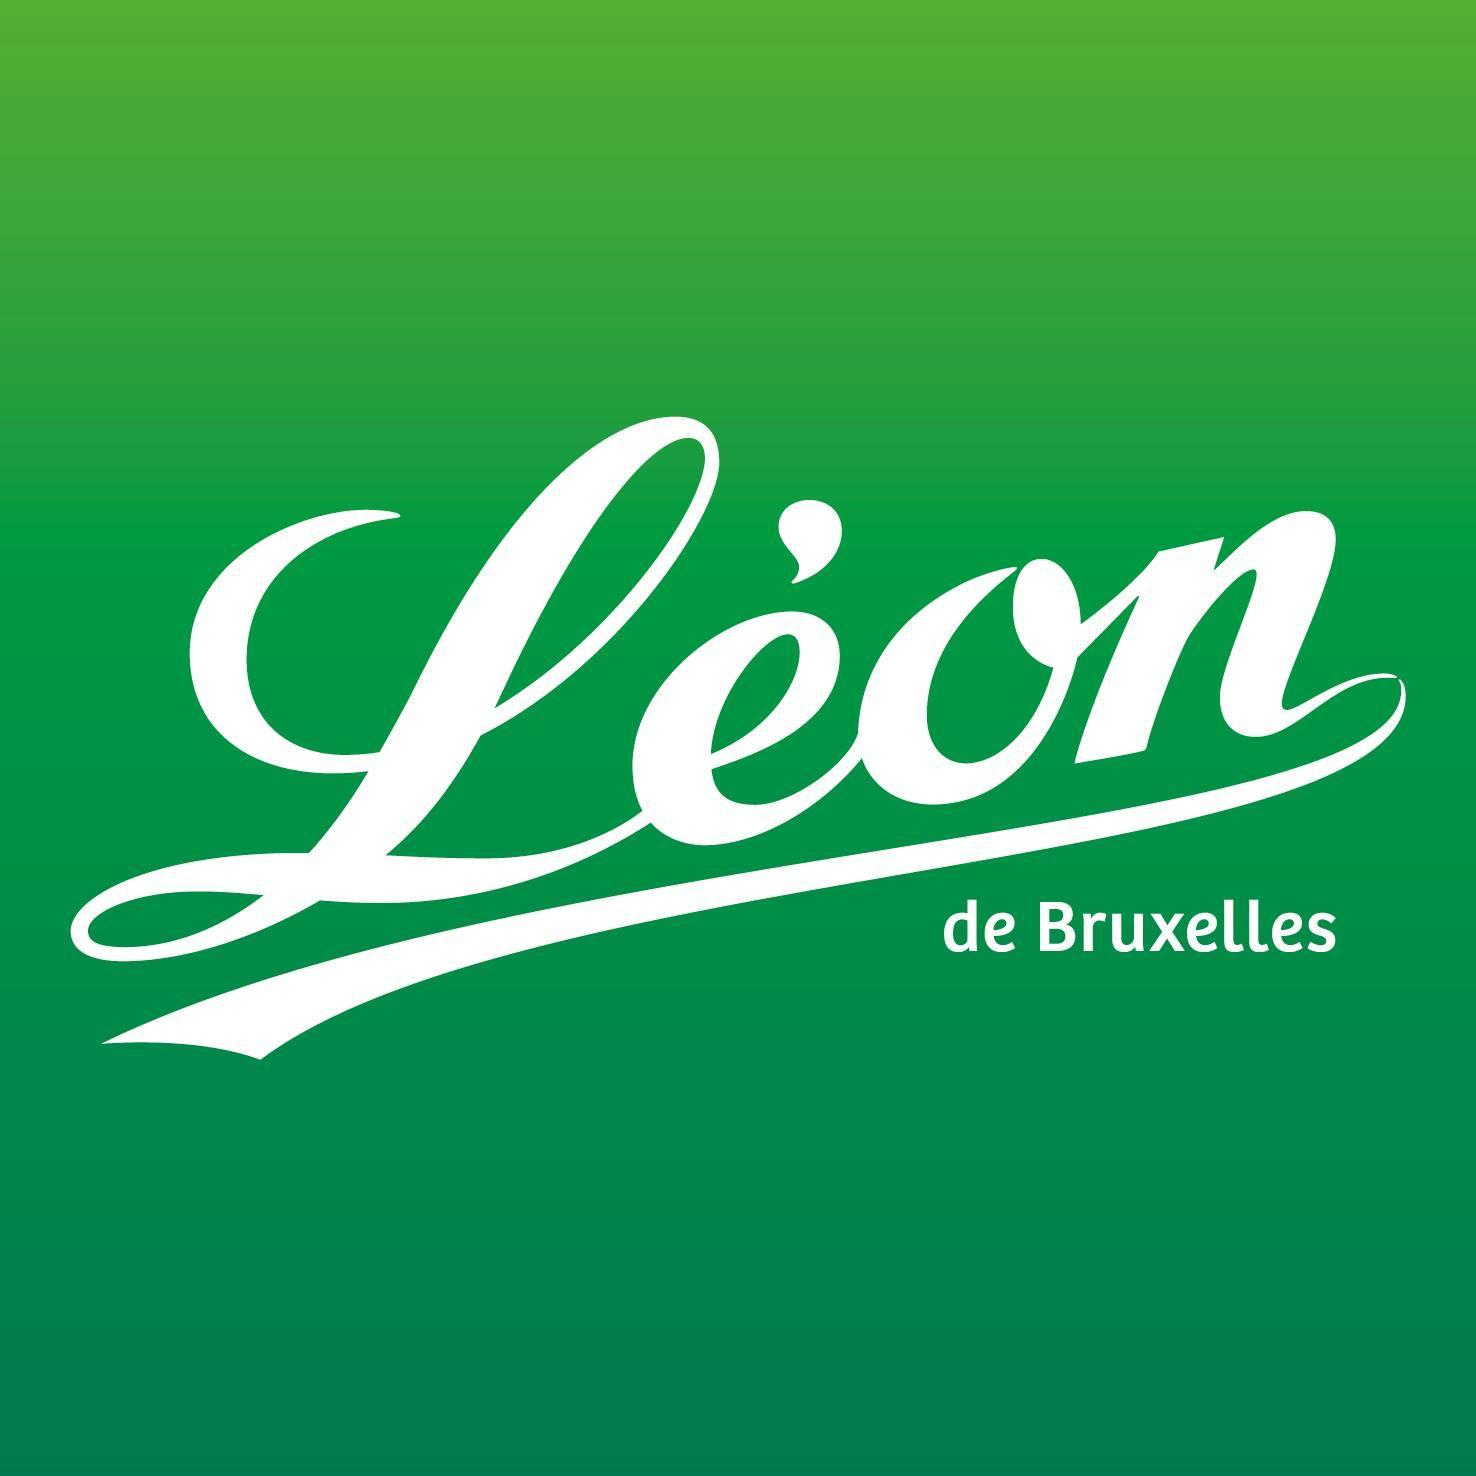 12€ de réduction sur l'addition pour 2 personnes au minimum chez Léon de Bruxelles